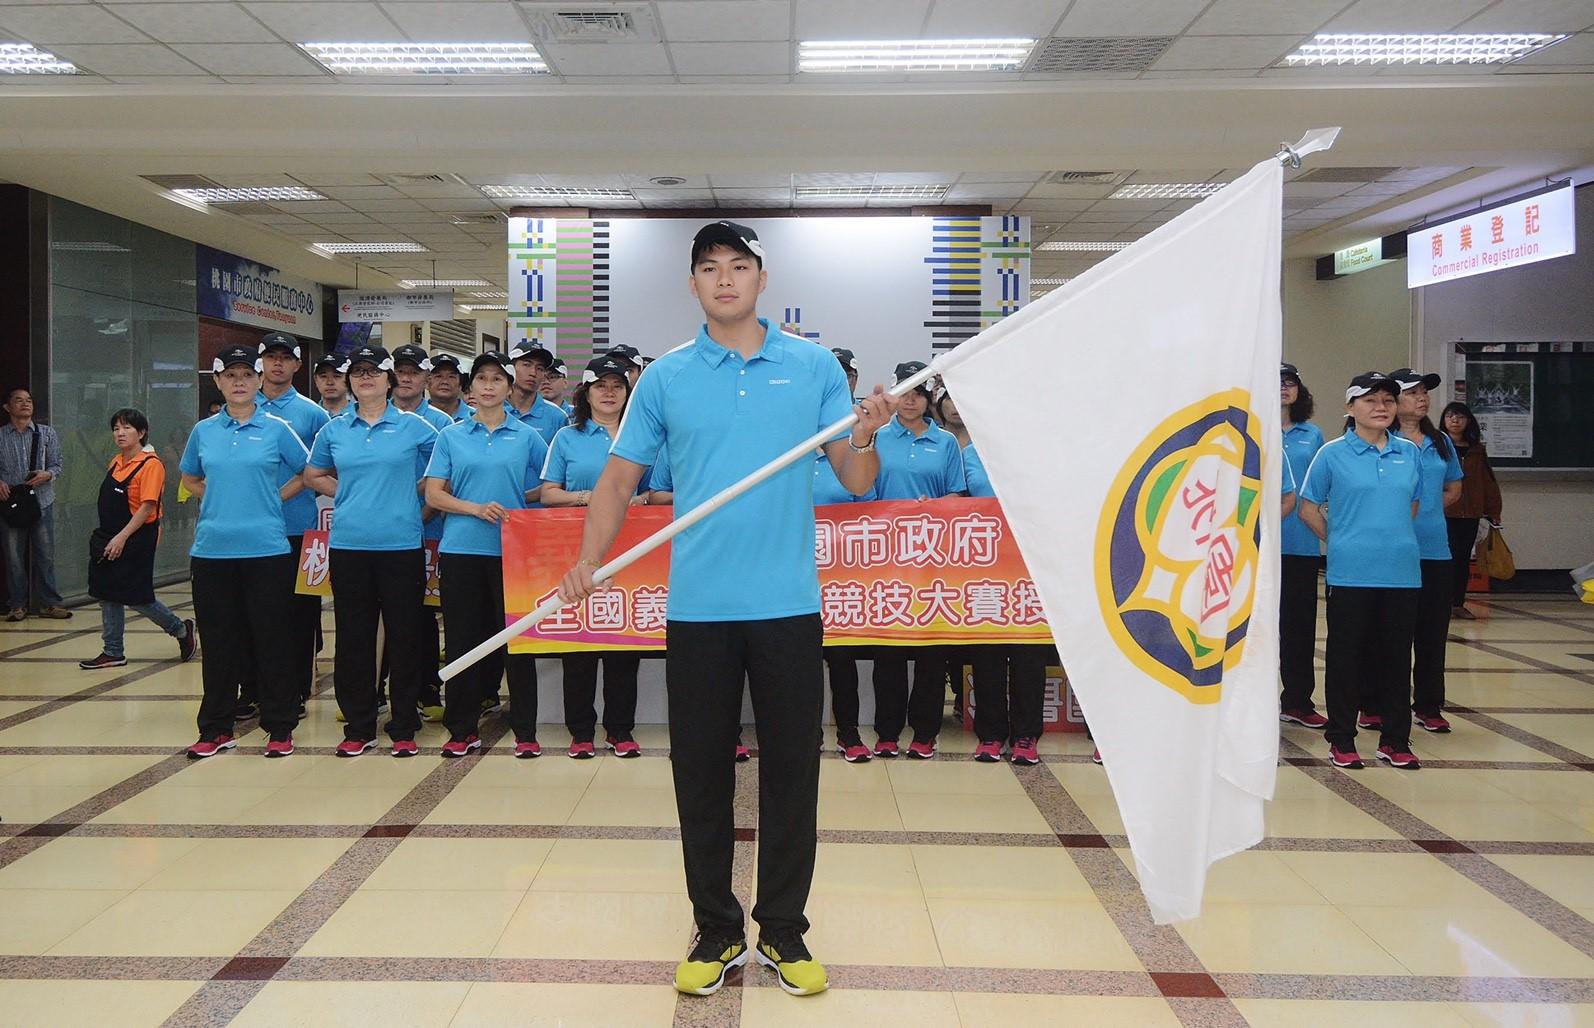 參賽選手代表接旗